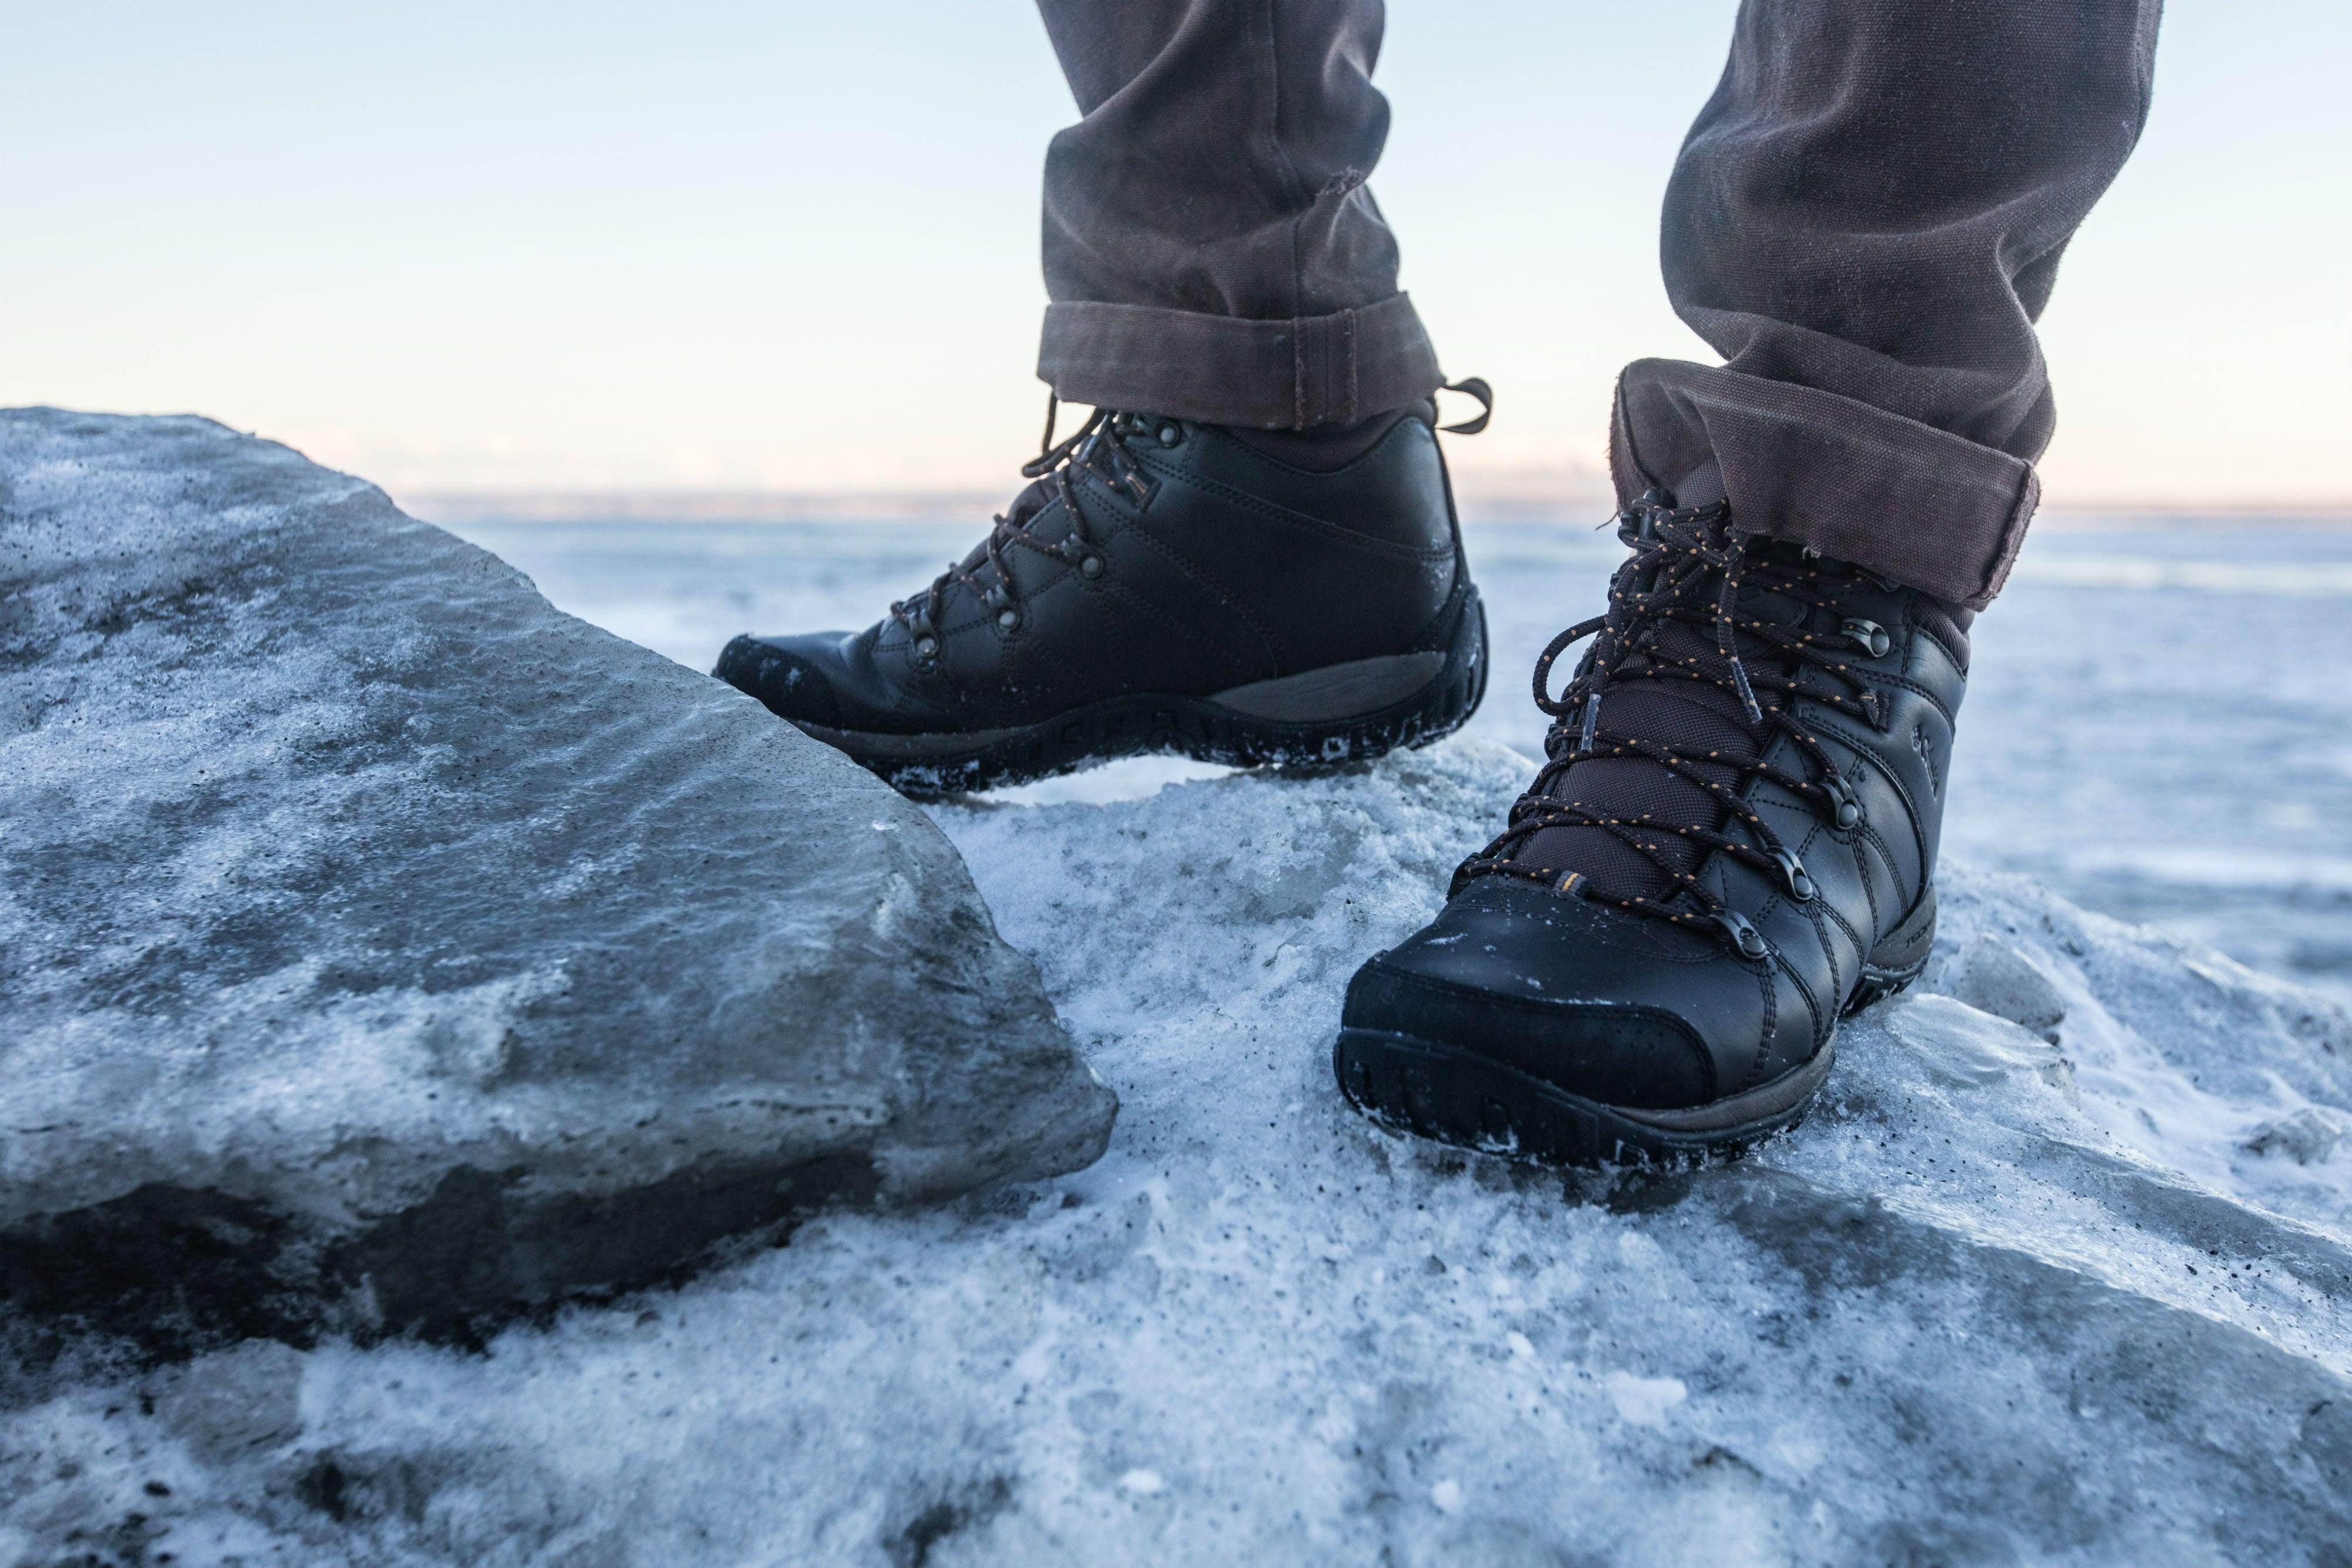 Columbia Titanium boots